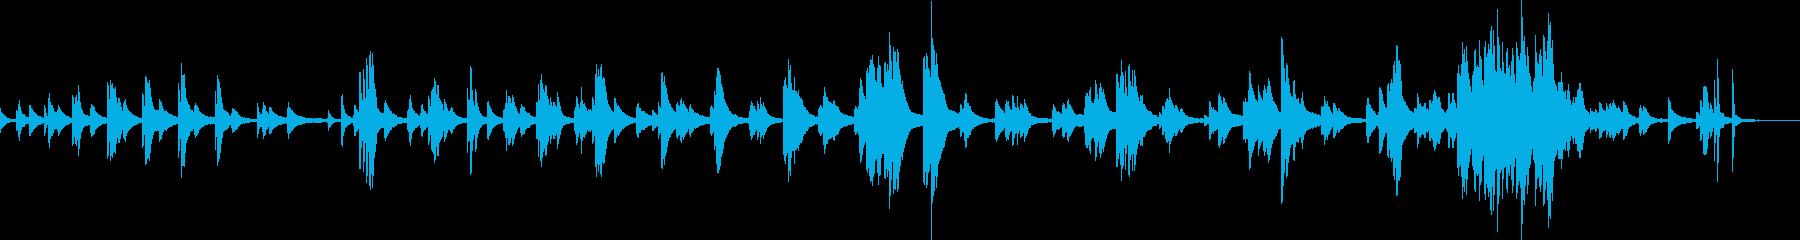 独り酒(ピアノソロ・悲しい・哀愁・夜)の再生済みの波形